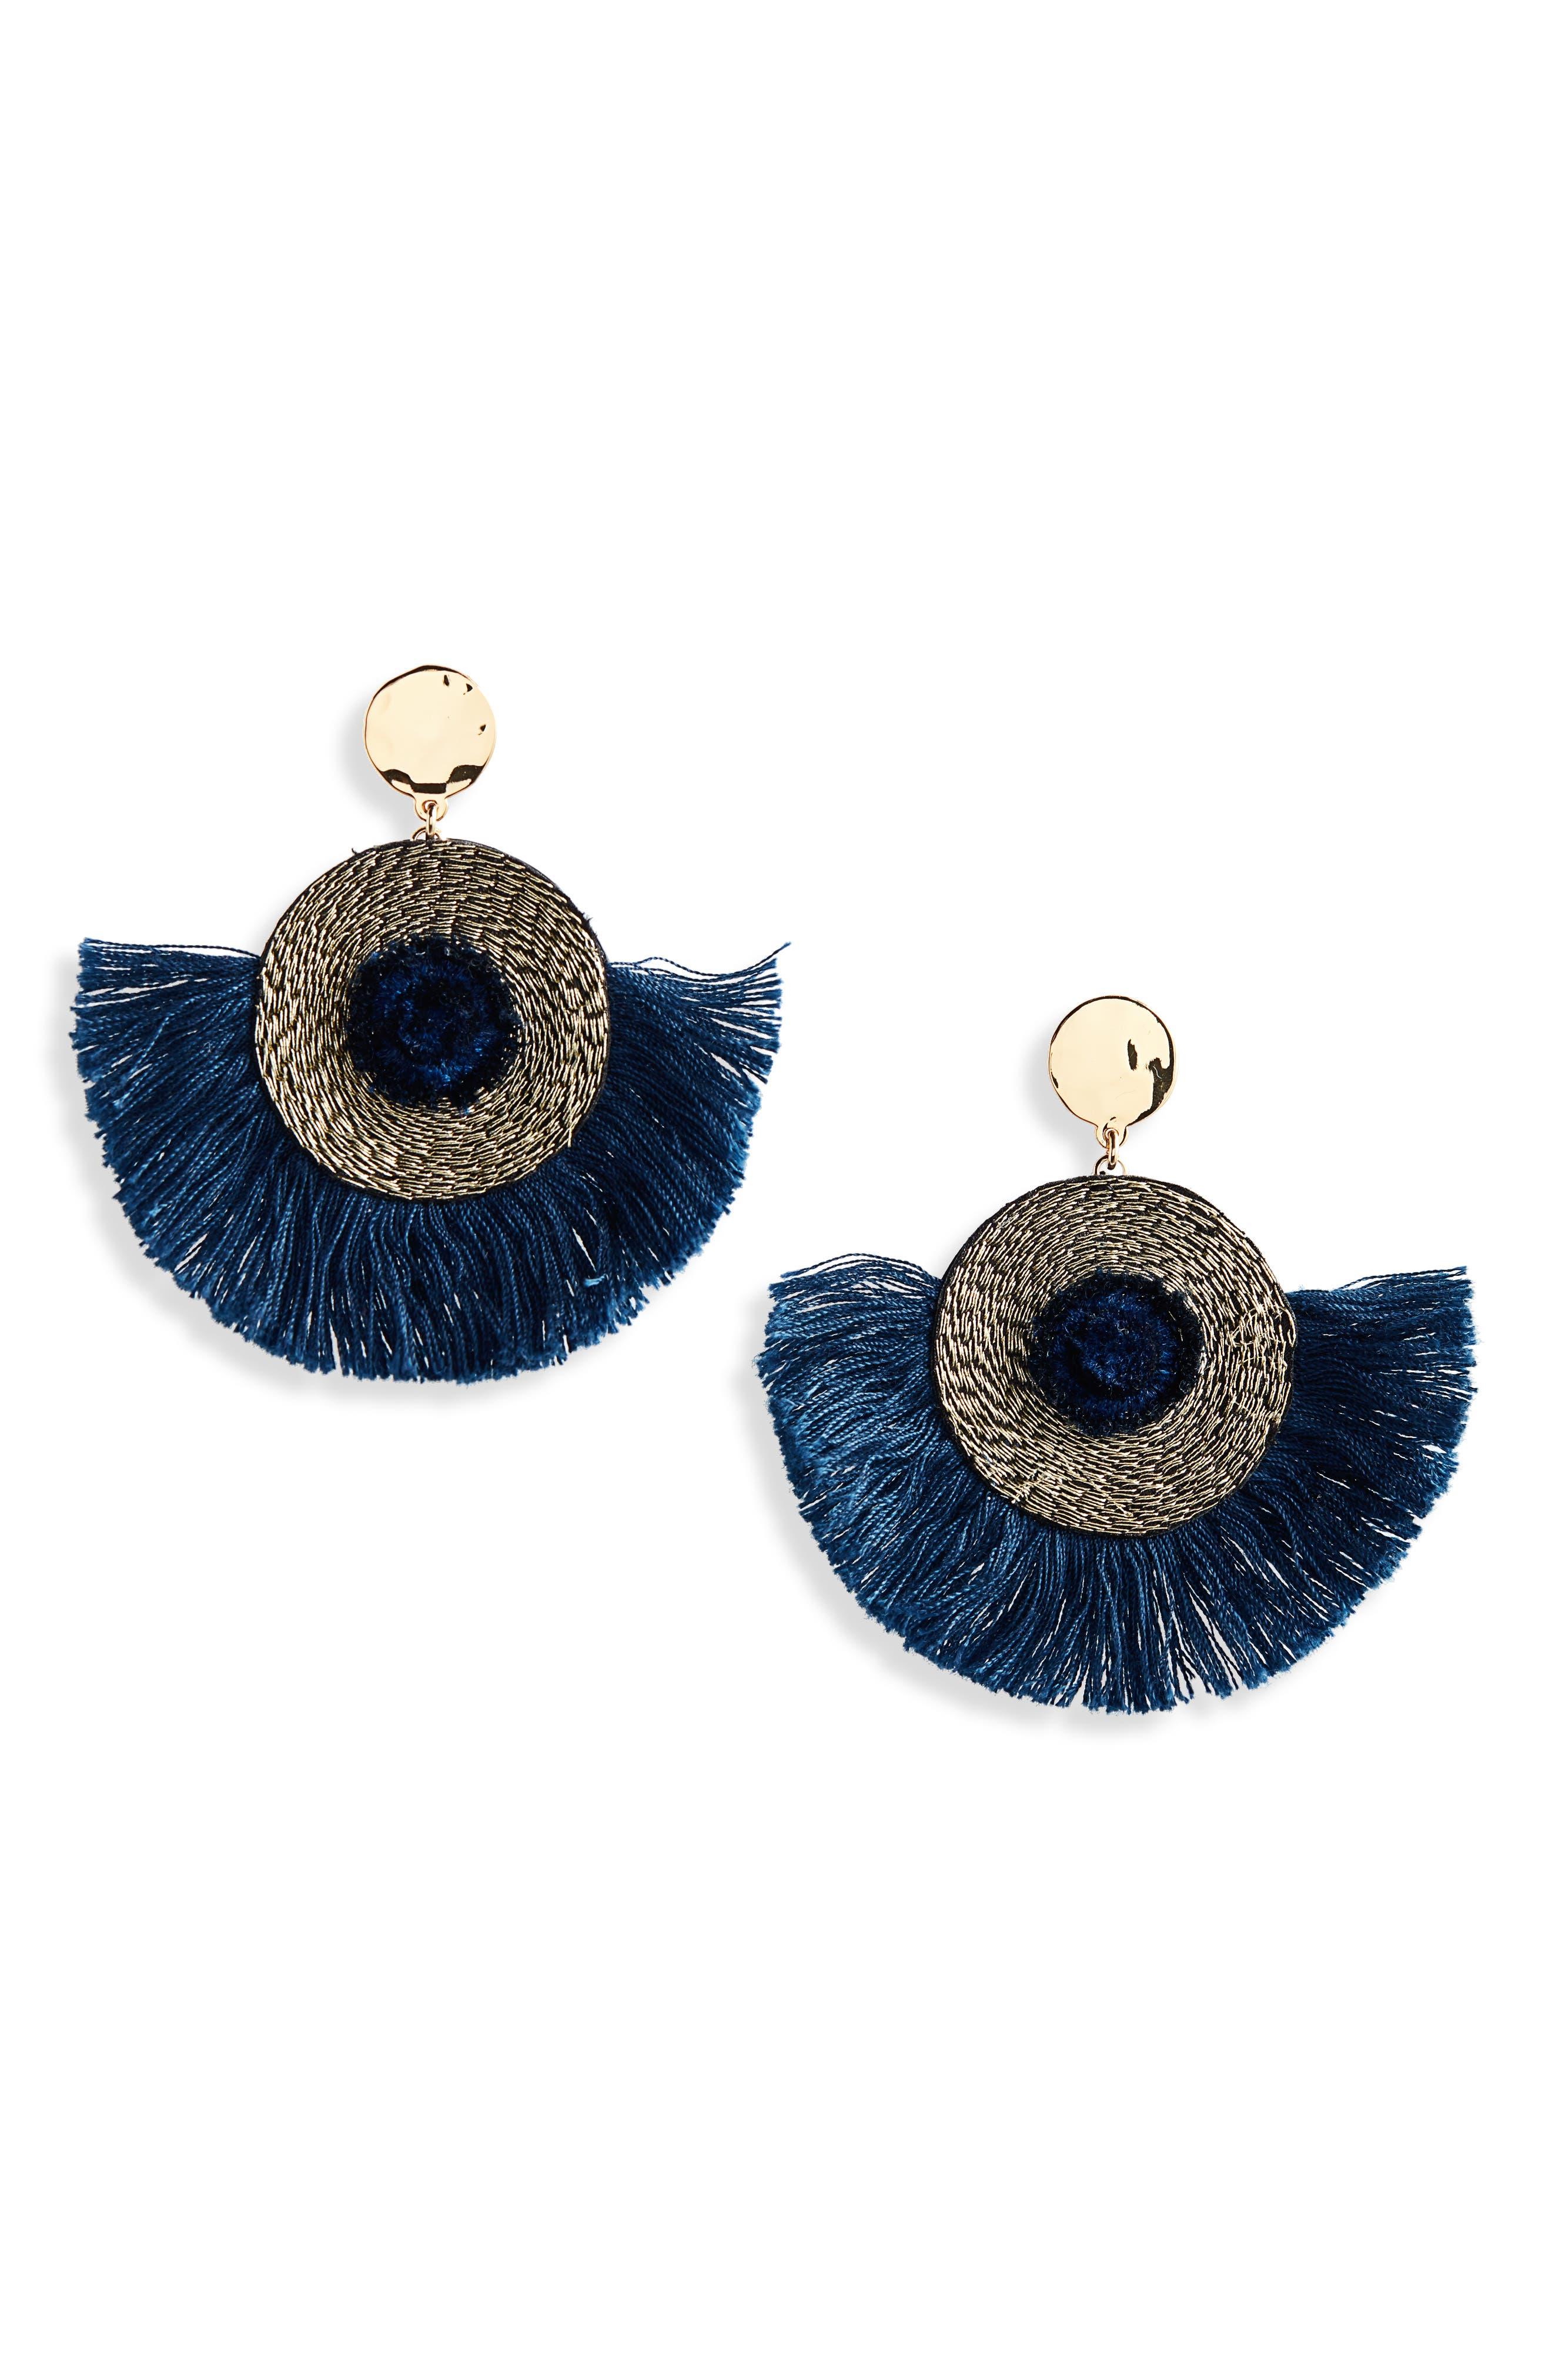 Fan Statement Earrings,                         Main,                         color, UNION BLUE